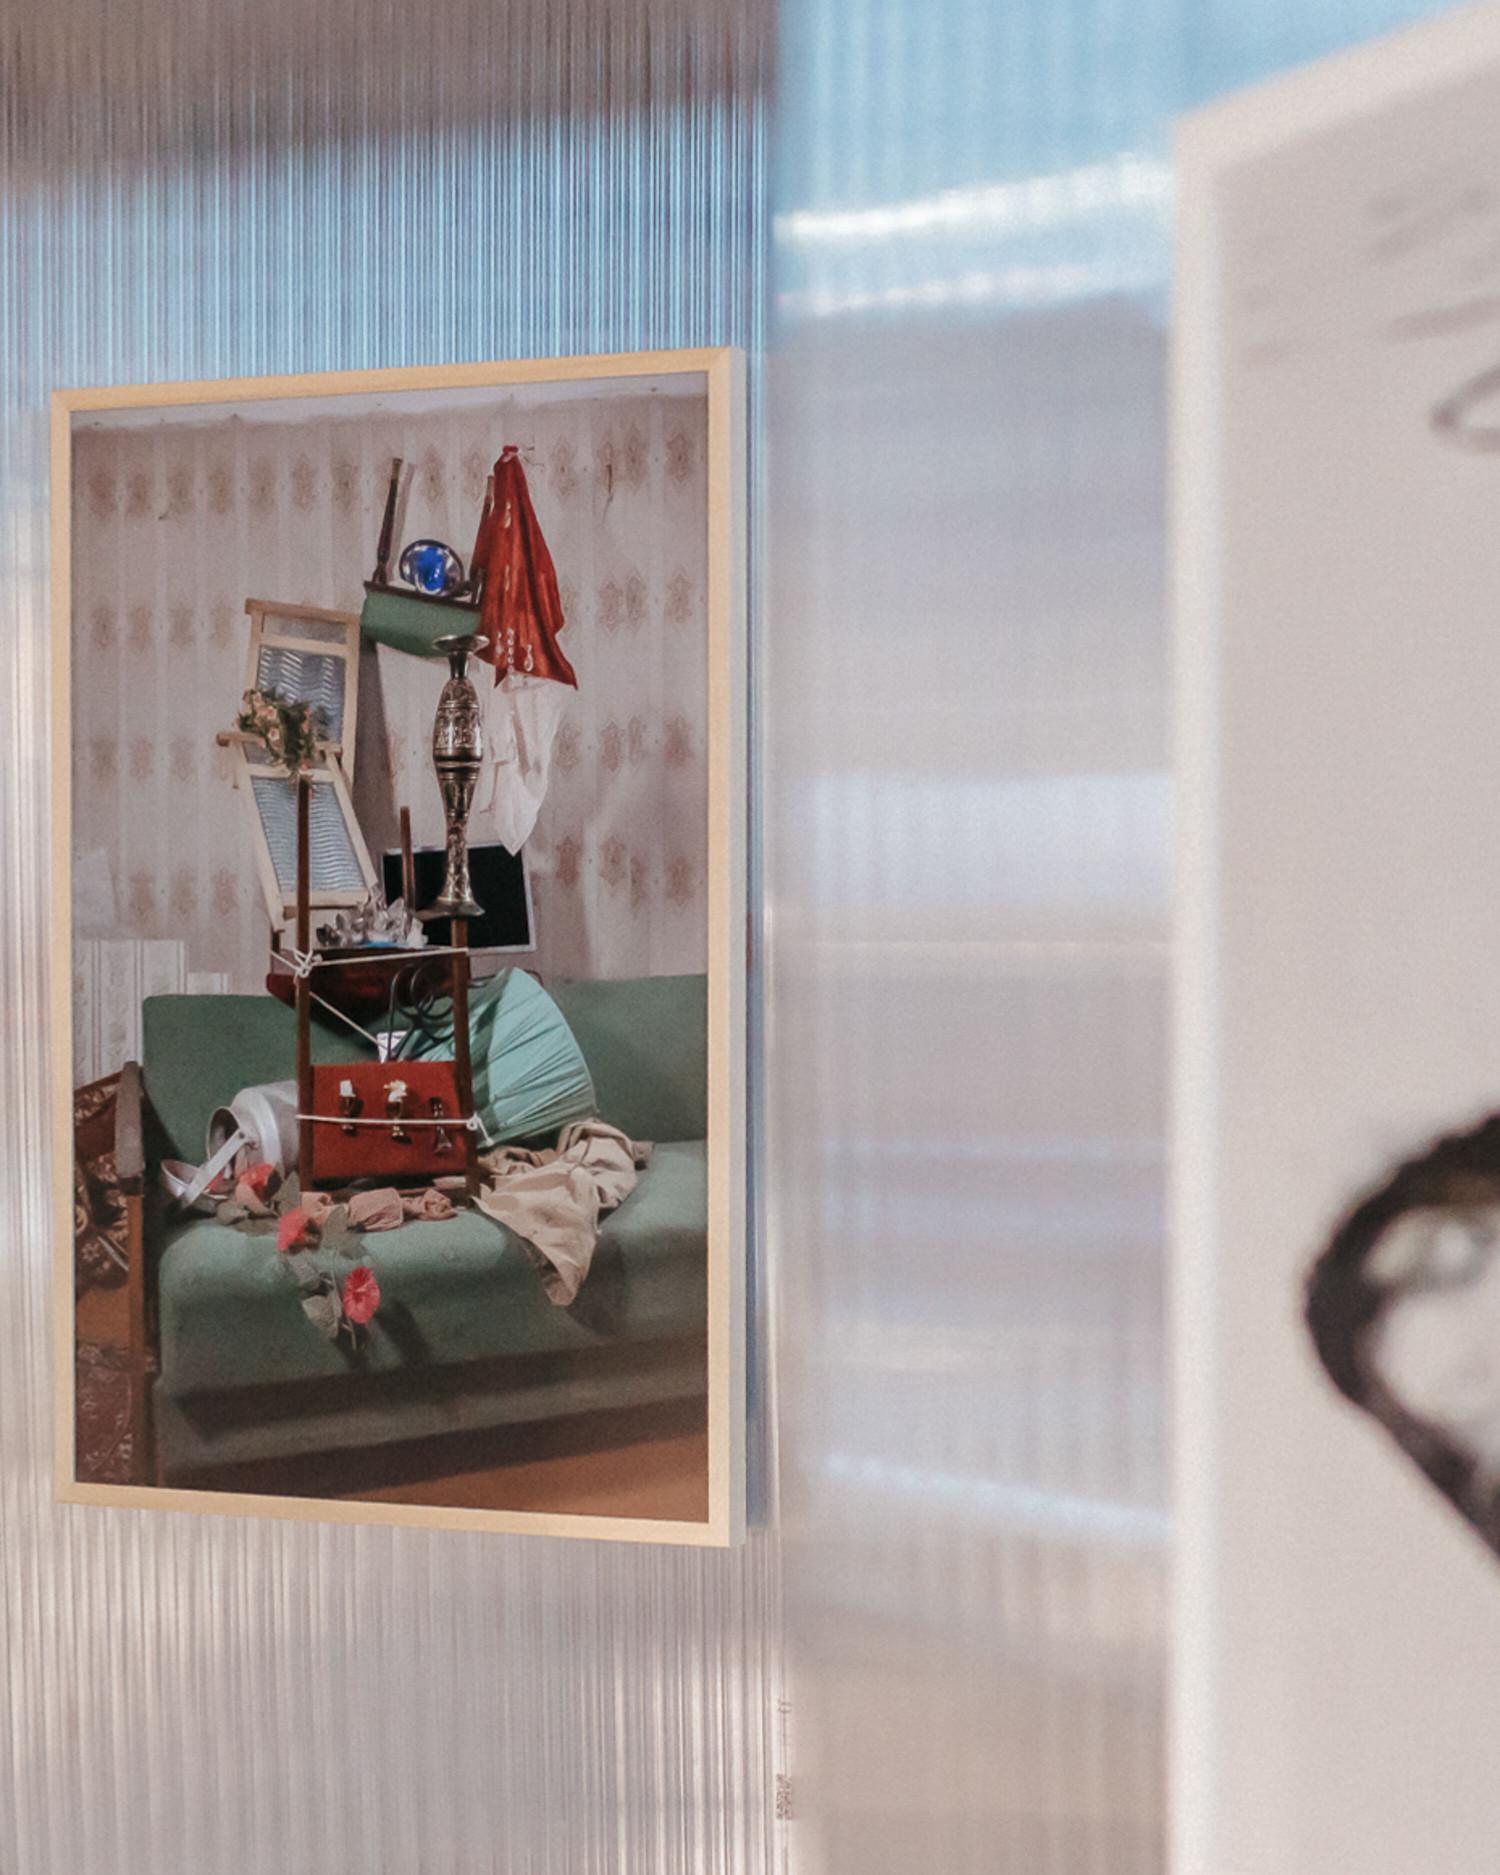 В серии 'Лимб' Даша Трофимова развивает тему взаимодействия коллективной и личной памяти. В натюрмортах-скульптурах художницы, родившейся и выросшей в Казахстане, а теперь живущей в России в статусе мигранта, объекты из частных и общественных пространств застывают в положении хрупкого равновесия, обретая новую коллективную форму и тем самым подчеркивая, 'остраняя' – свою индивидуальную.